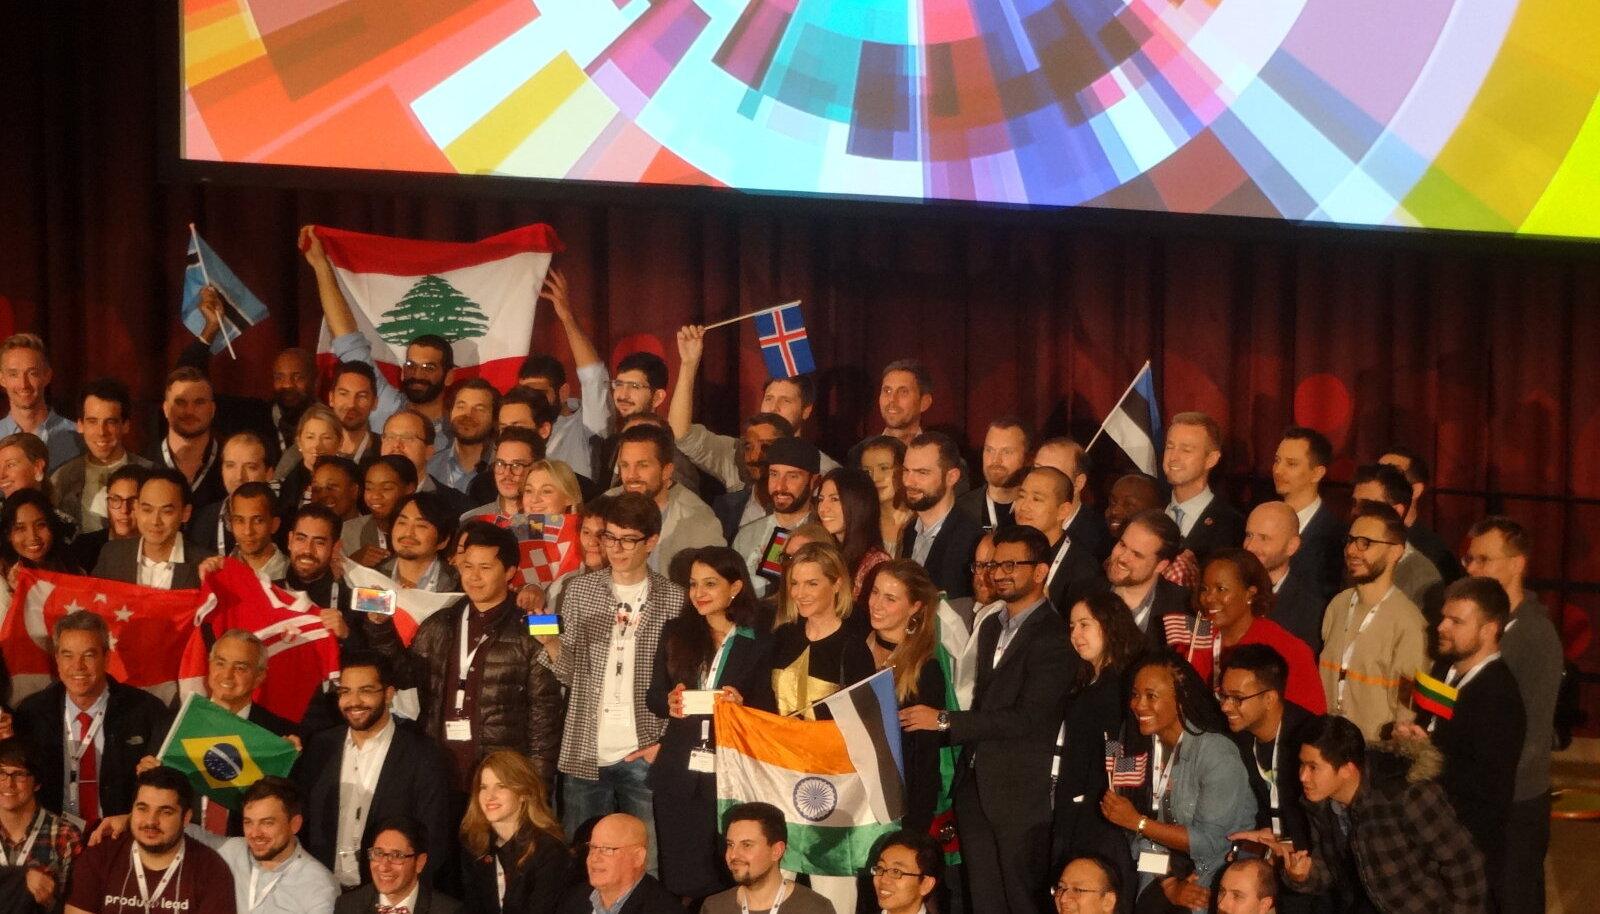 Creative Business Cupil osalemine võimaldab avada tee tõeliselt rahvusvahelistele turgudele